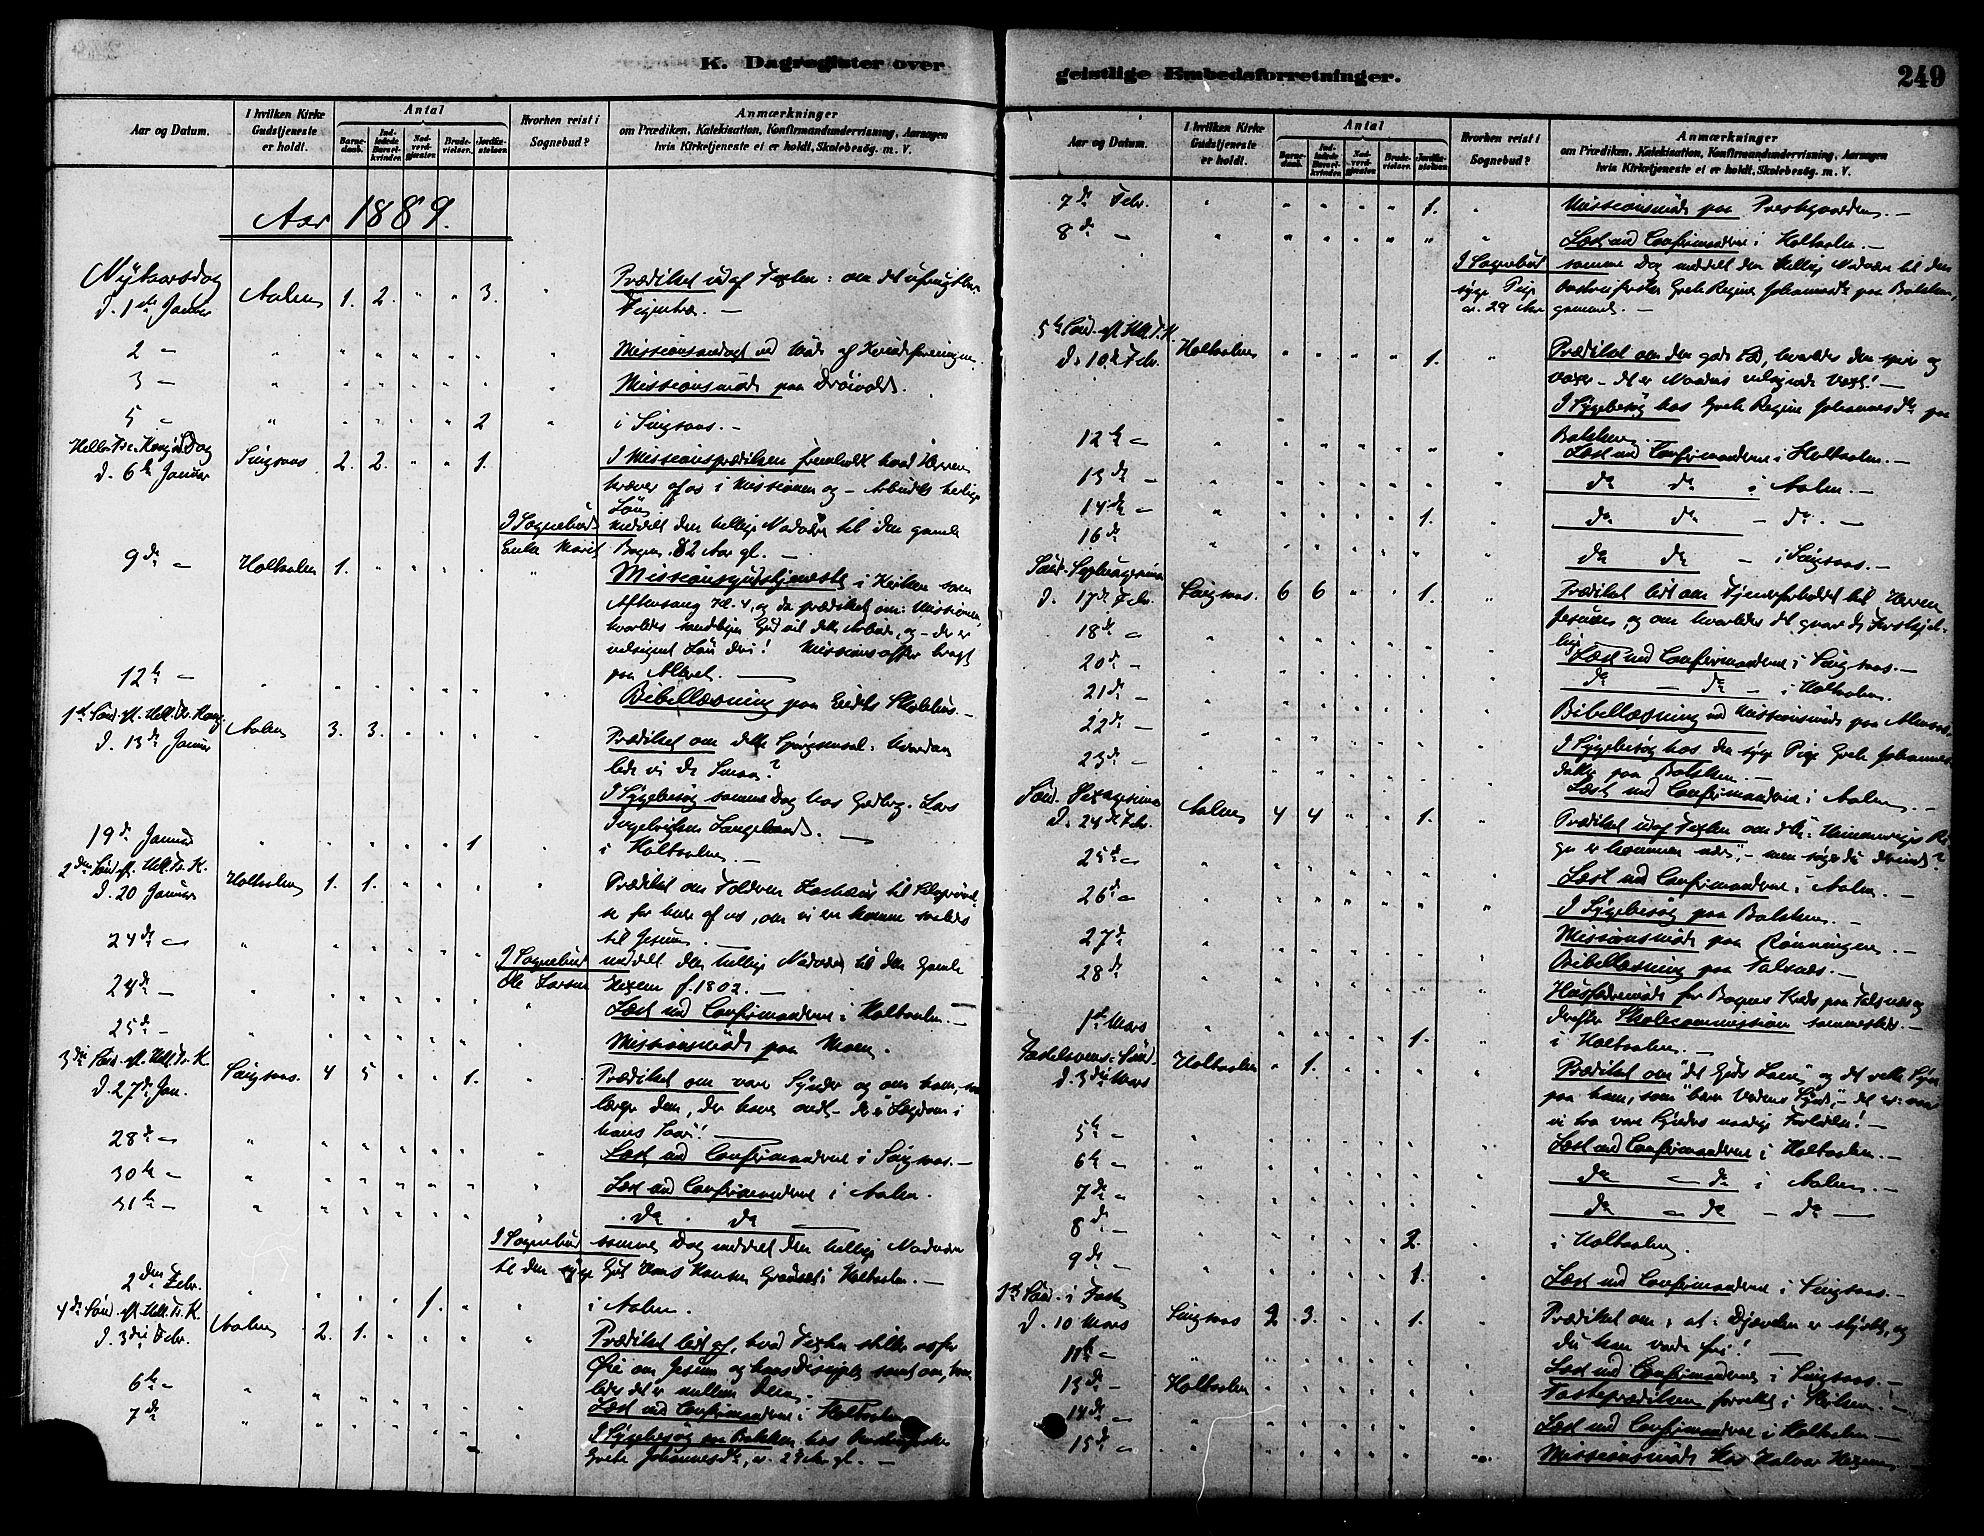 SAT, Ministerialprotokoller, klokkerbøker og fødselsregistre - Sør-Trøndelag, 686/L0983: Ministerialbok nr. 686A01, 1879-1890, s. 249